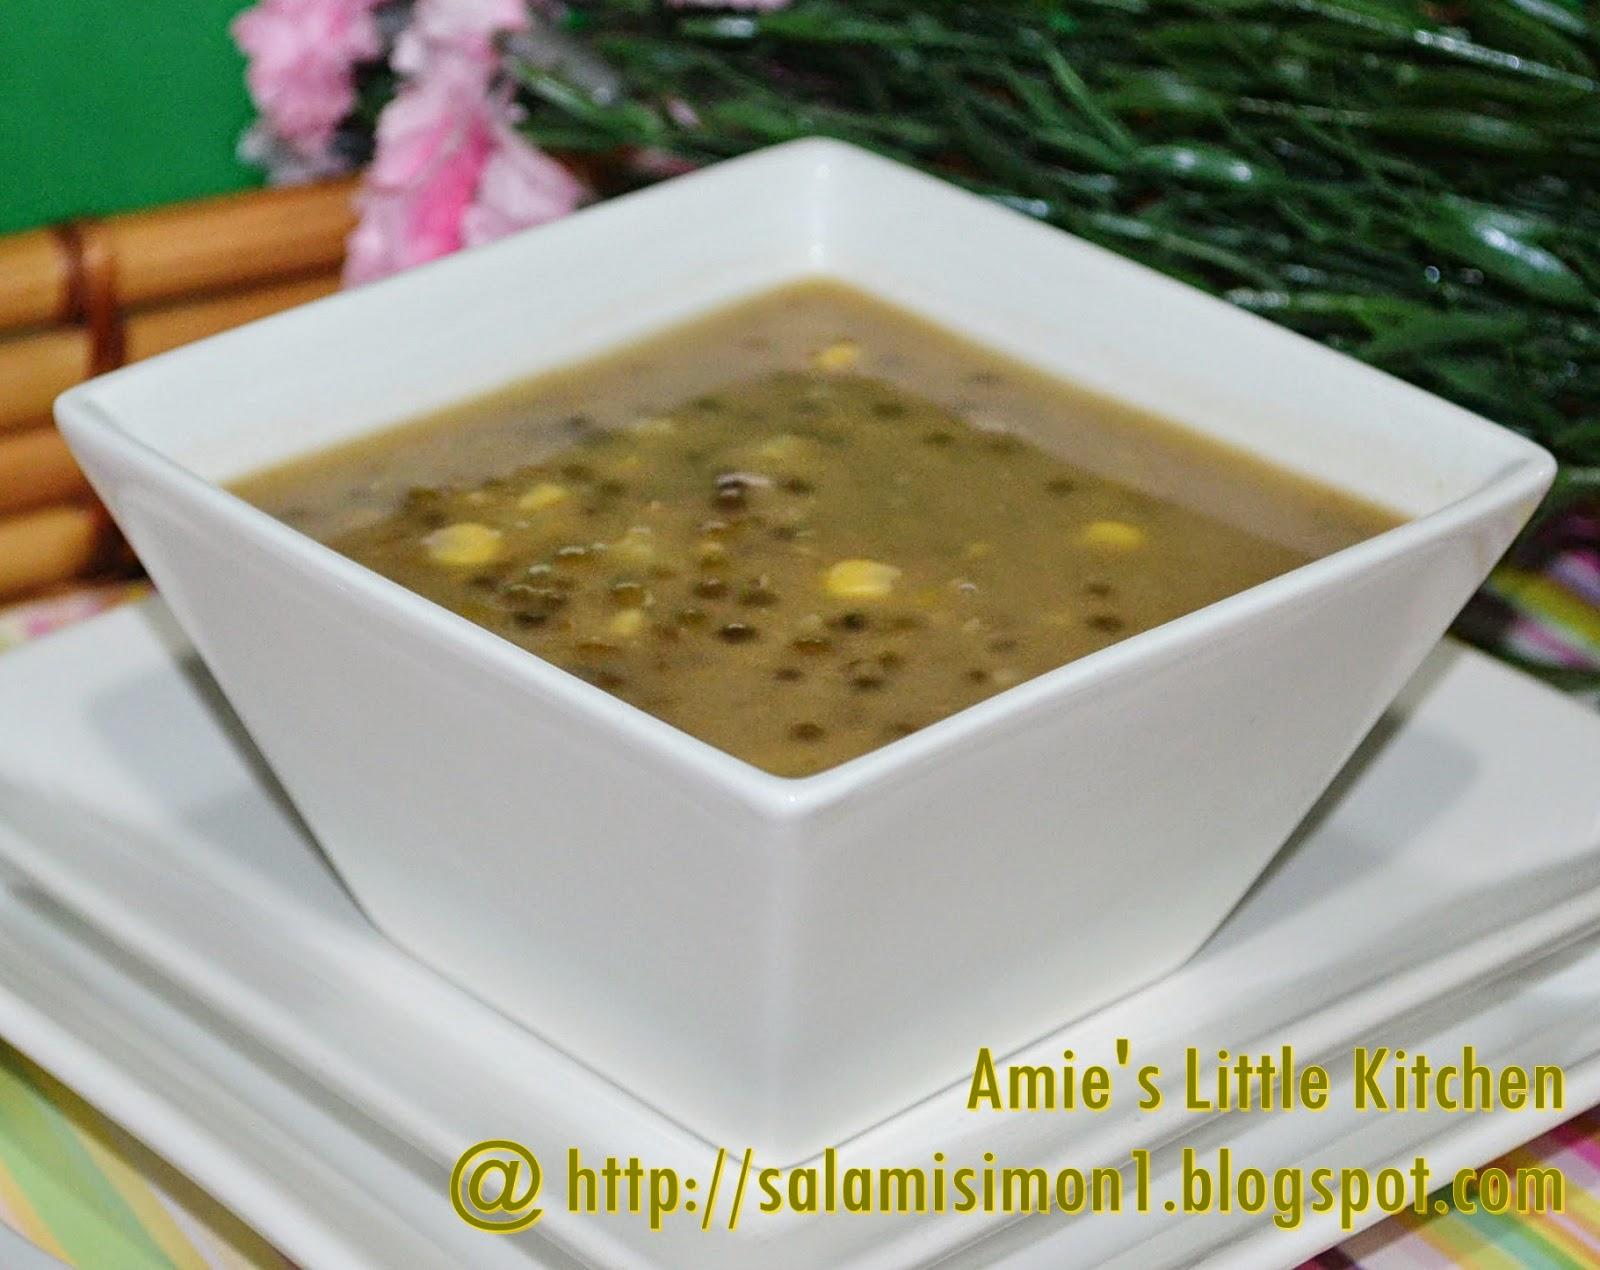 Resepi Bubur Kacang Merah Azie Kitchen Aneka Resepi Bunda